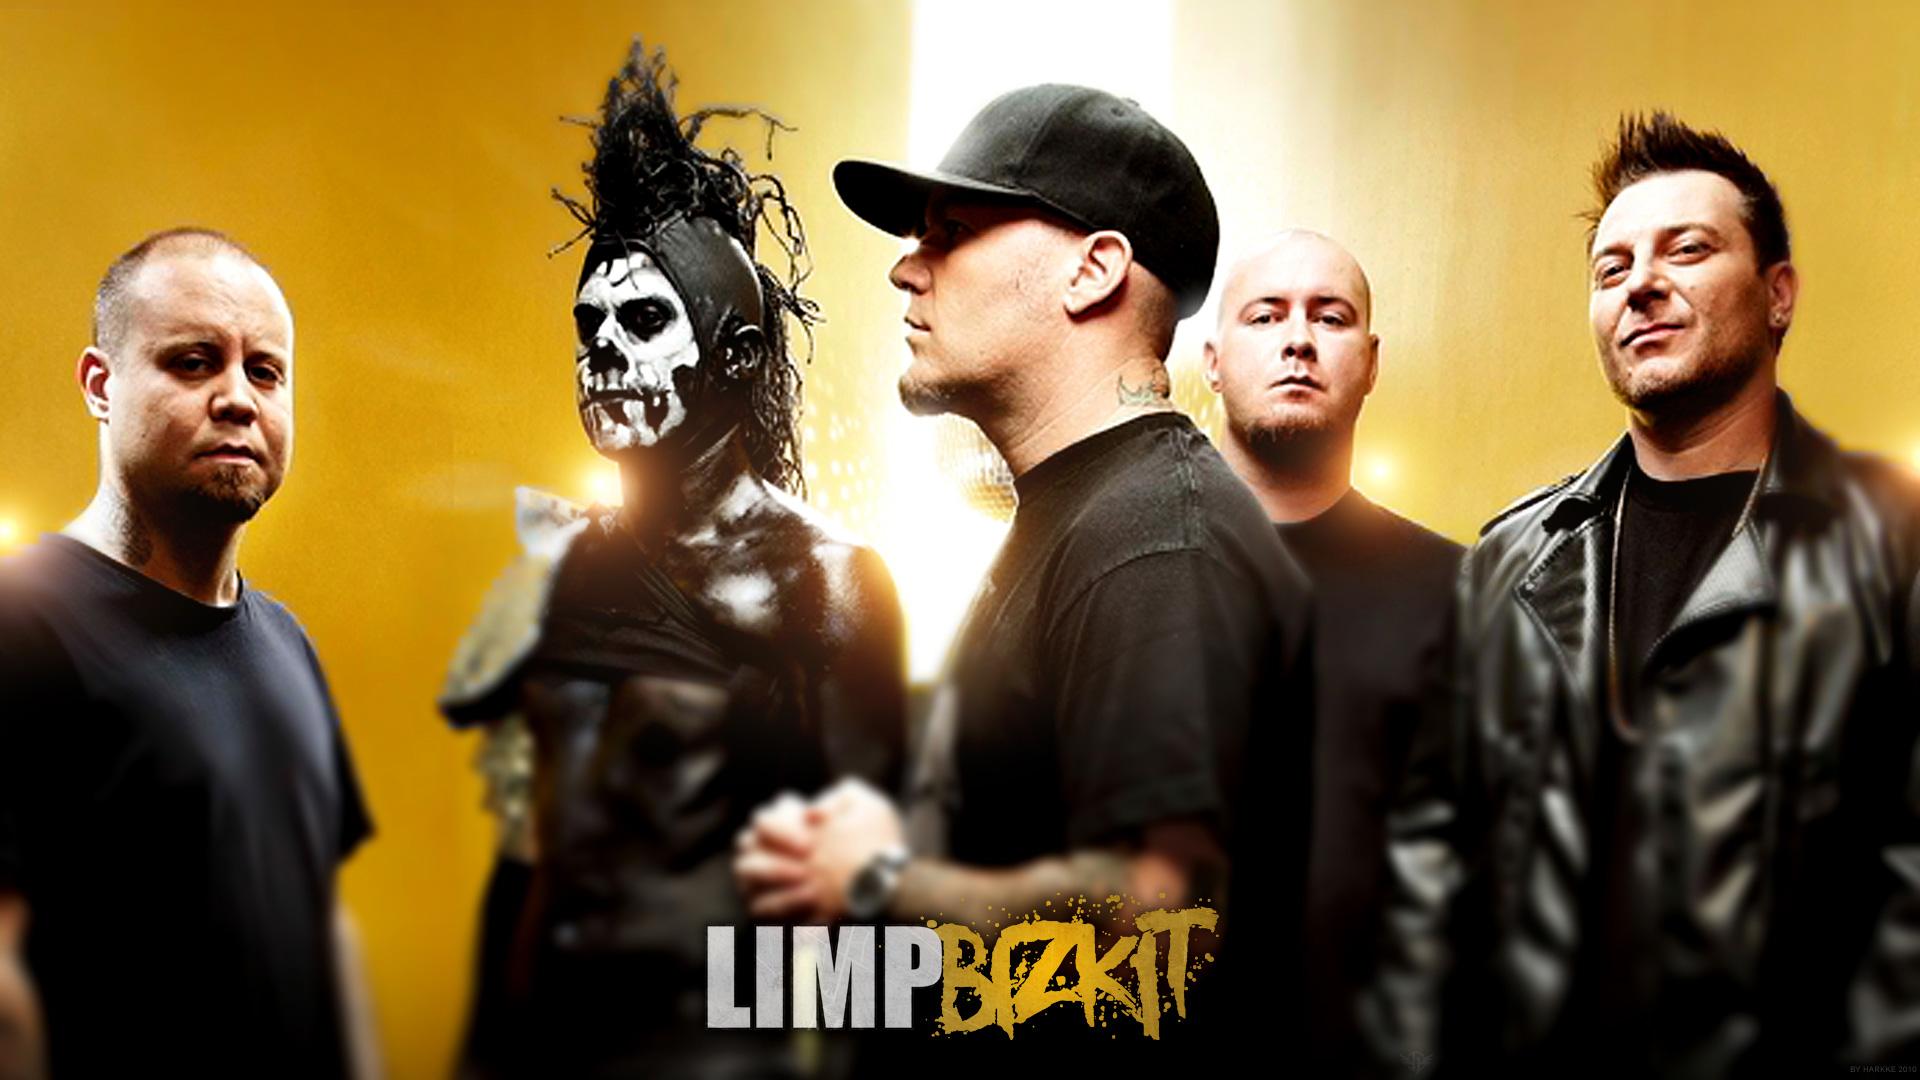 Брестские группы прошли в финал конкурса разогрева для Limp Bizkit